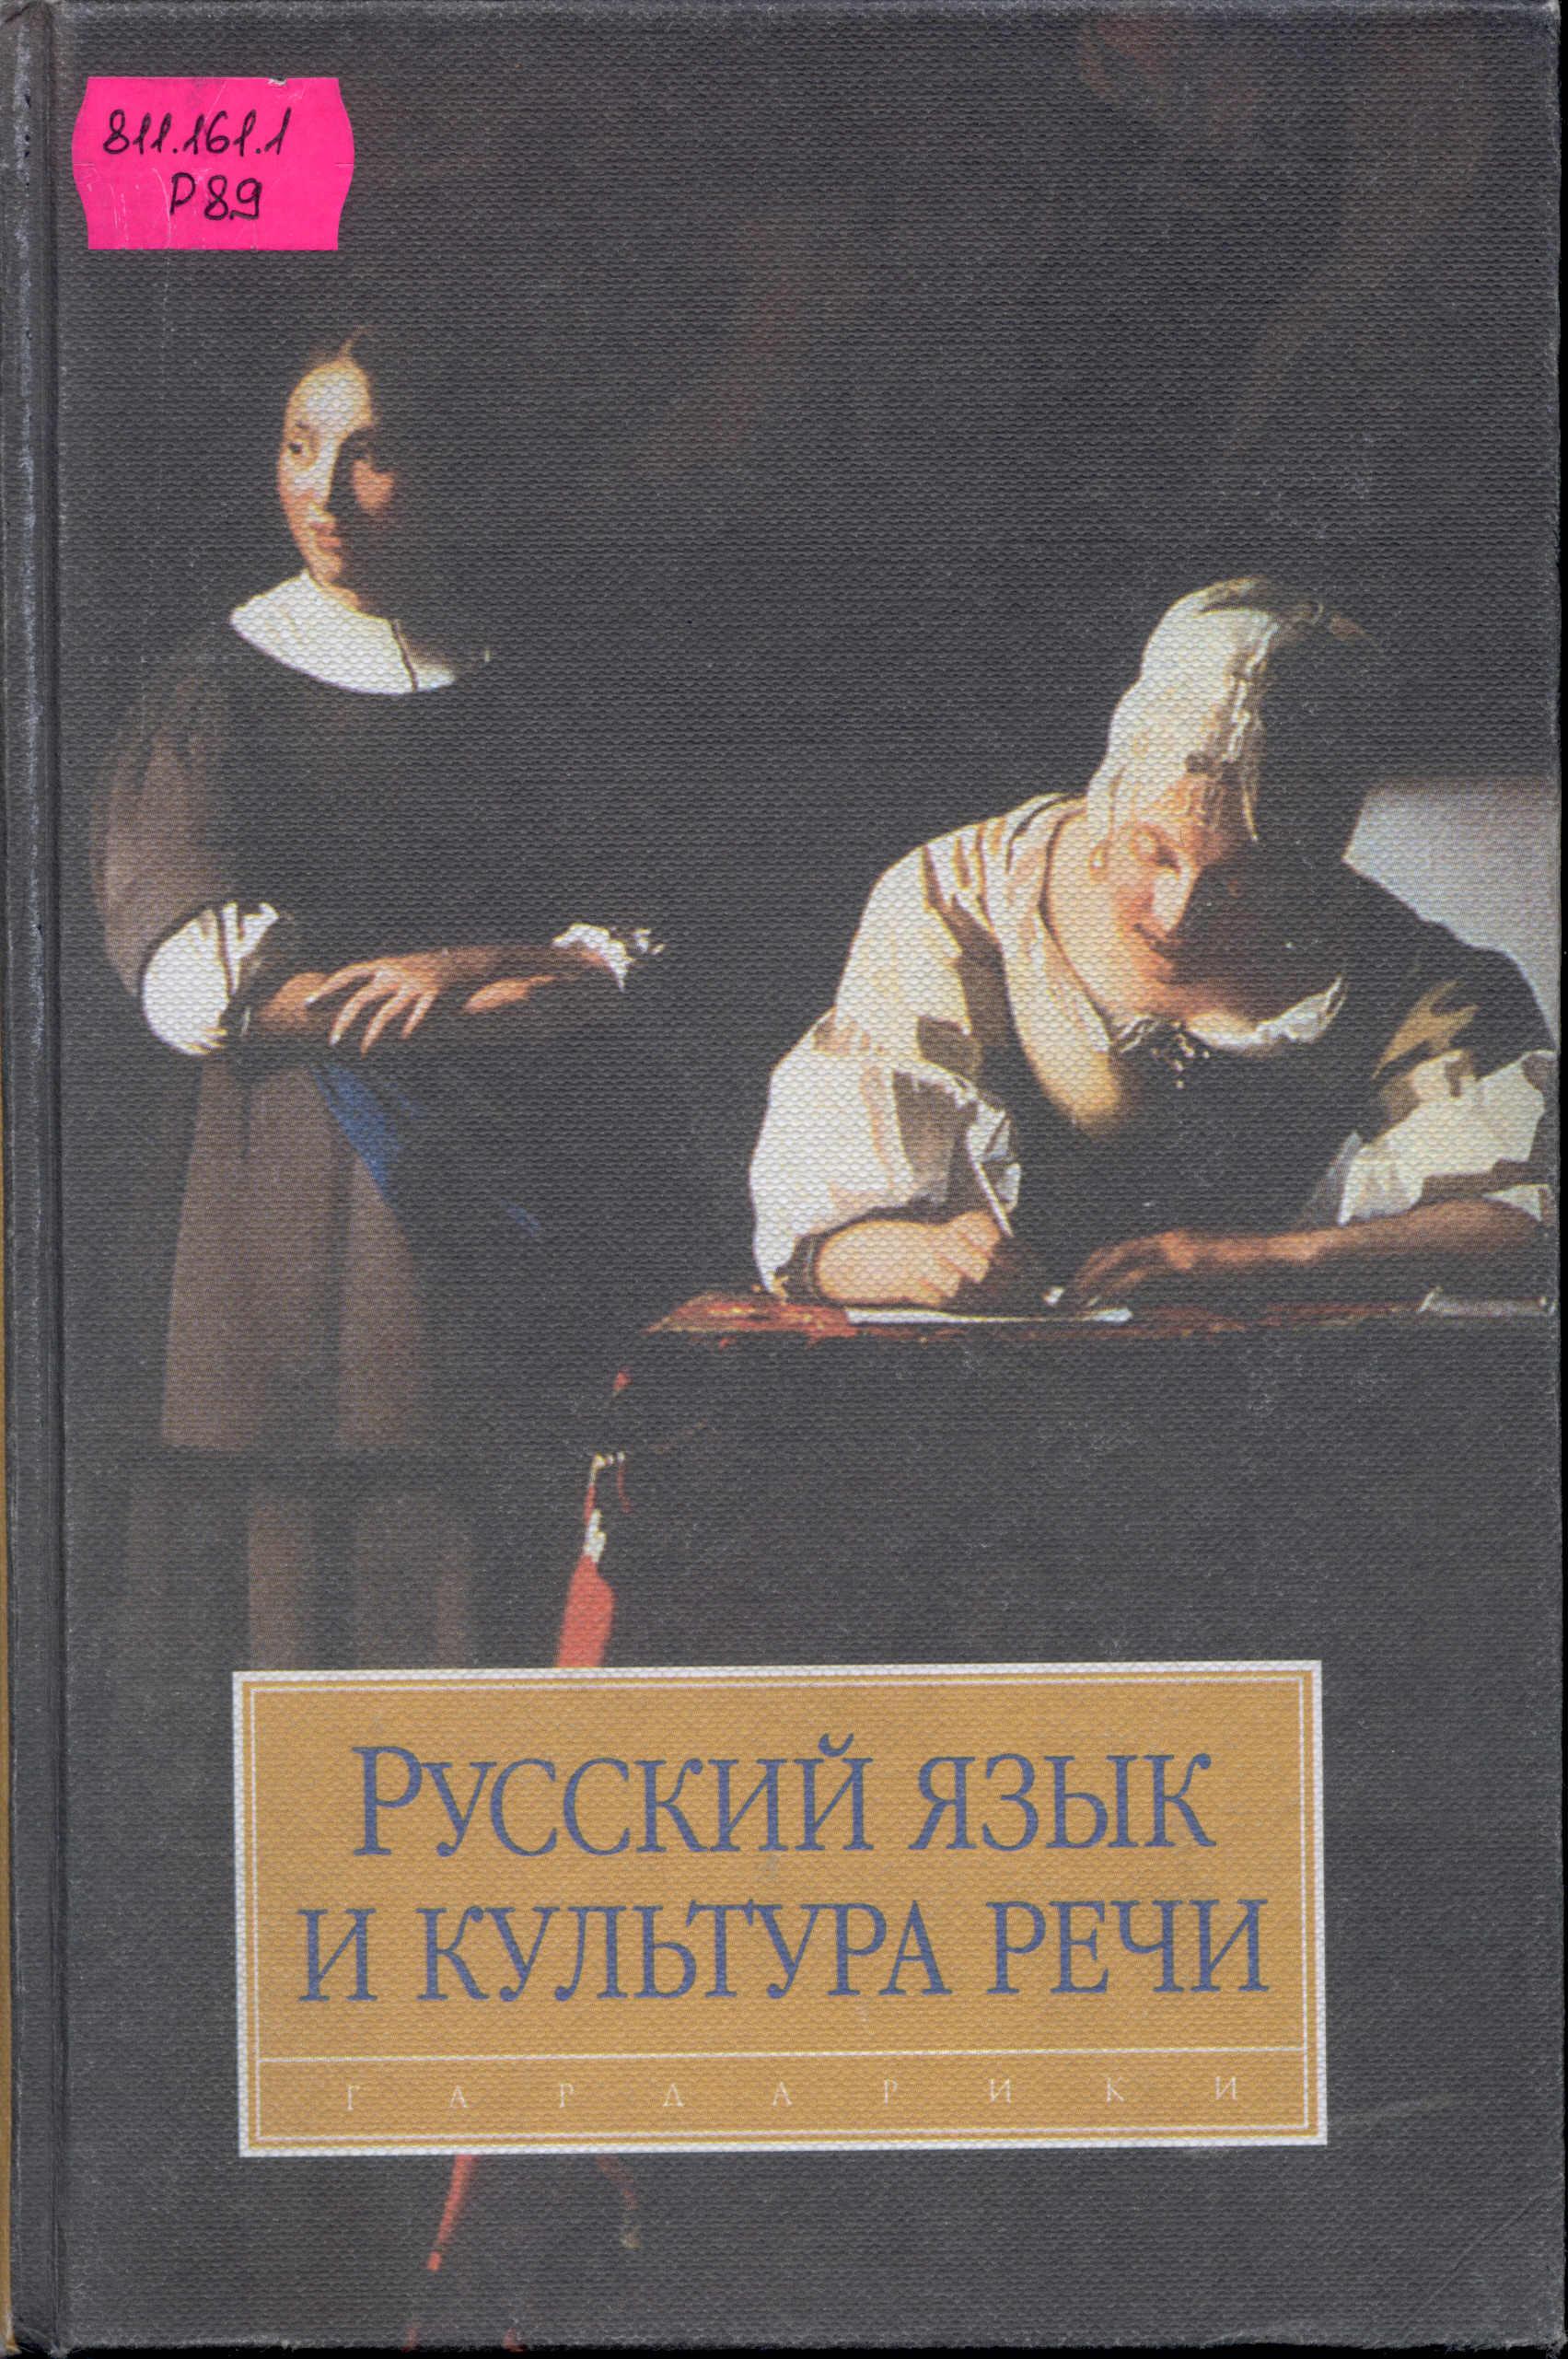 онлайн языку а.и.дунев и 2004 речи русскому гдз культуре по